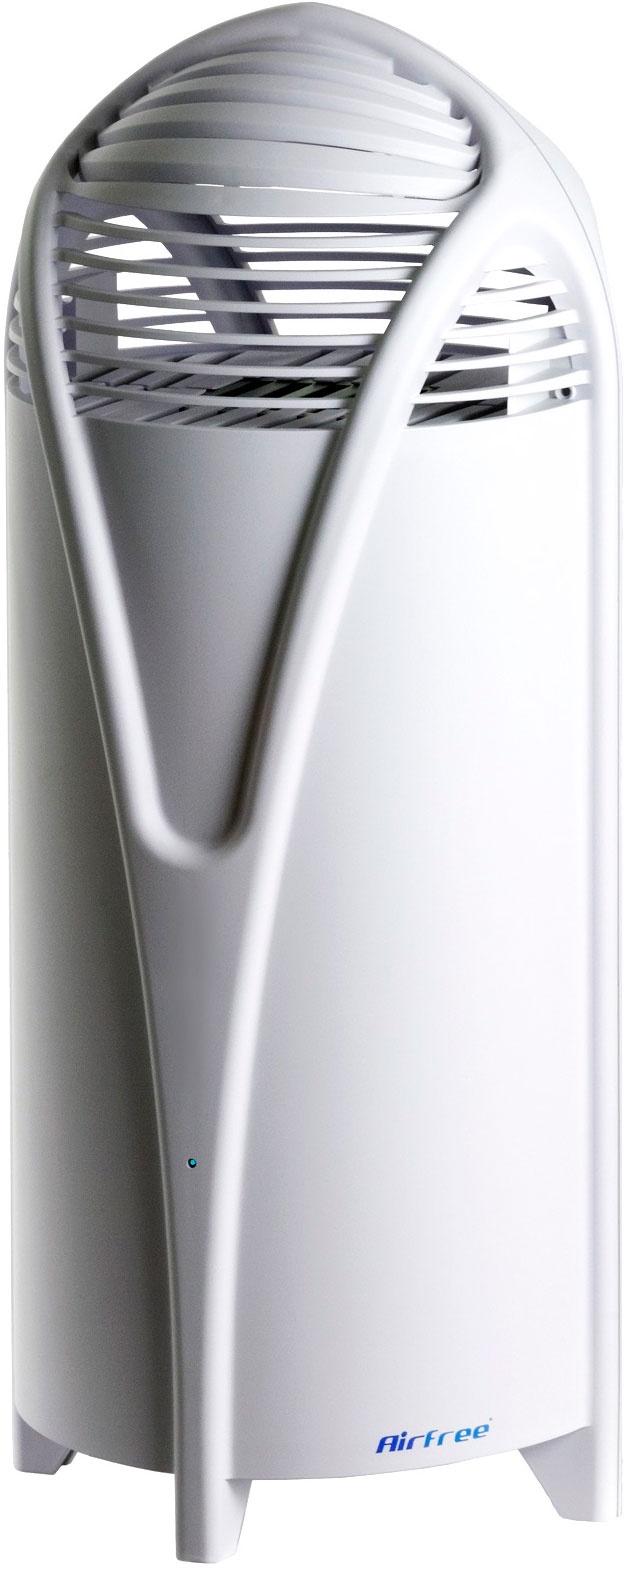 Очиститель воздуха Airfree T40, белый цена и фото